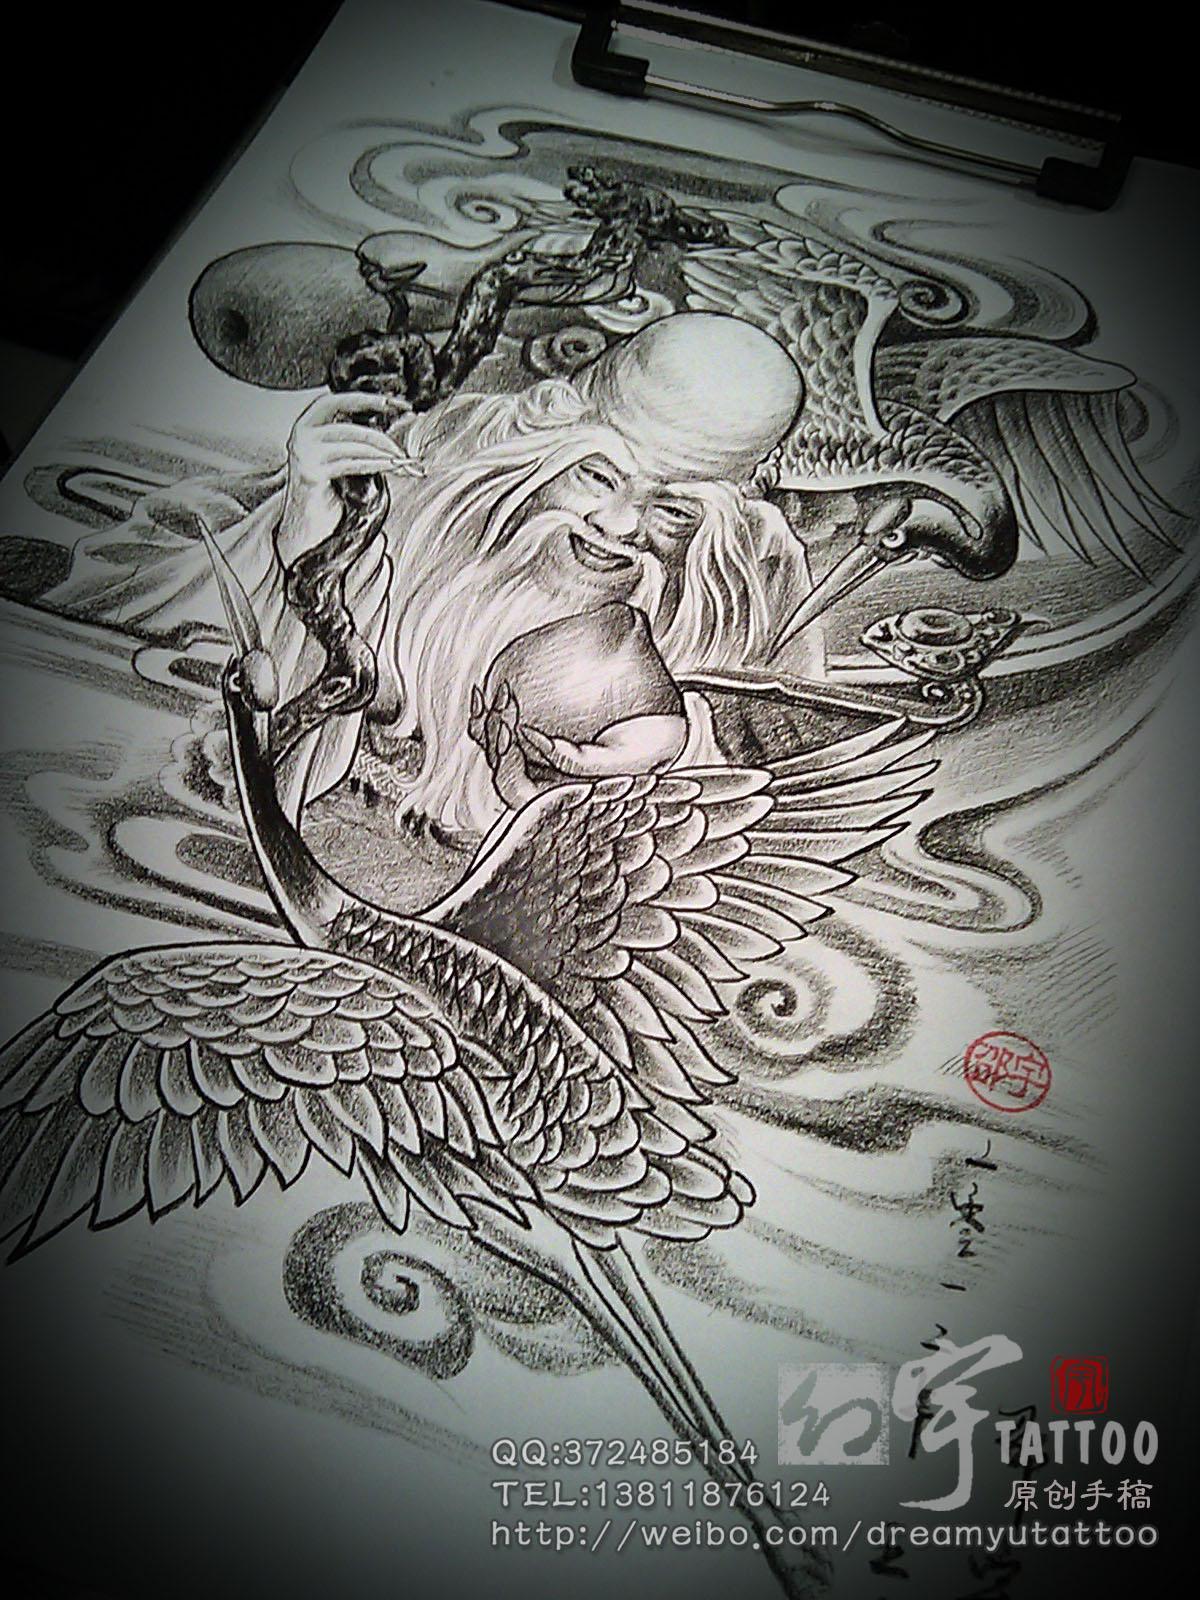 素材手臂邪龙纹身搜平面广告设计图片